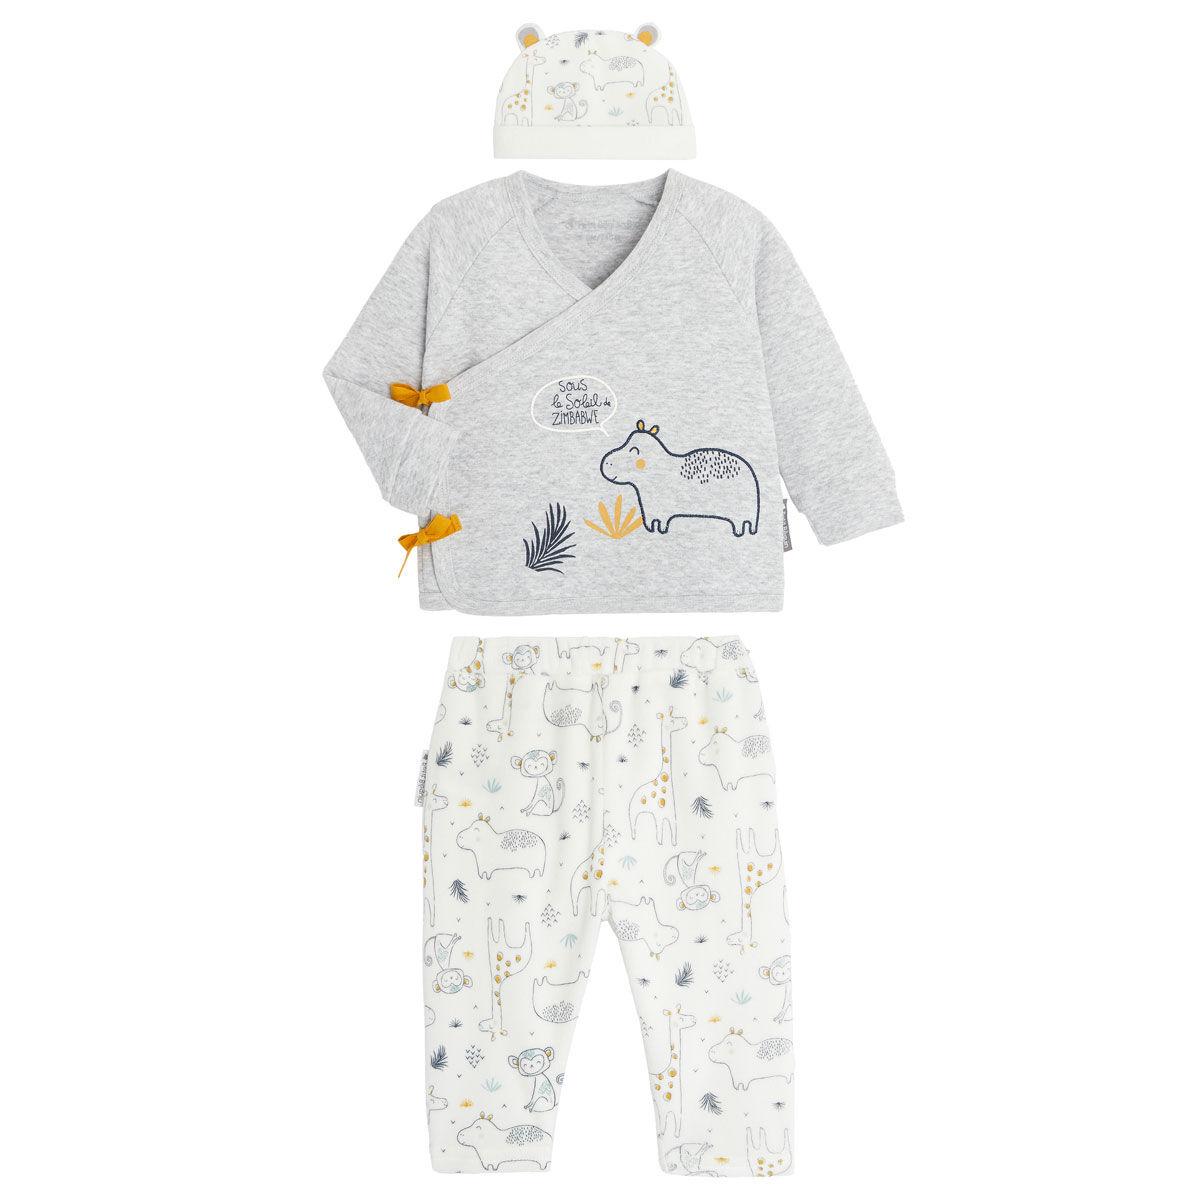 Petit Béguin Ensemble bébé garçon gilet croisé et pantalon contenant du coton bio Sous le soleil - Taille - 3 mois